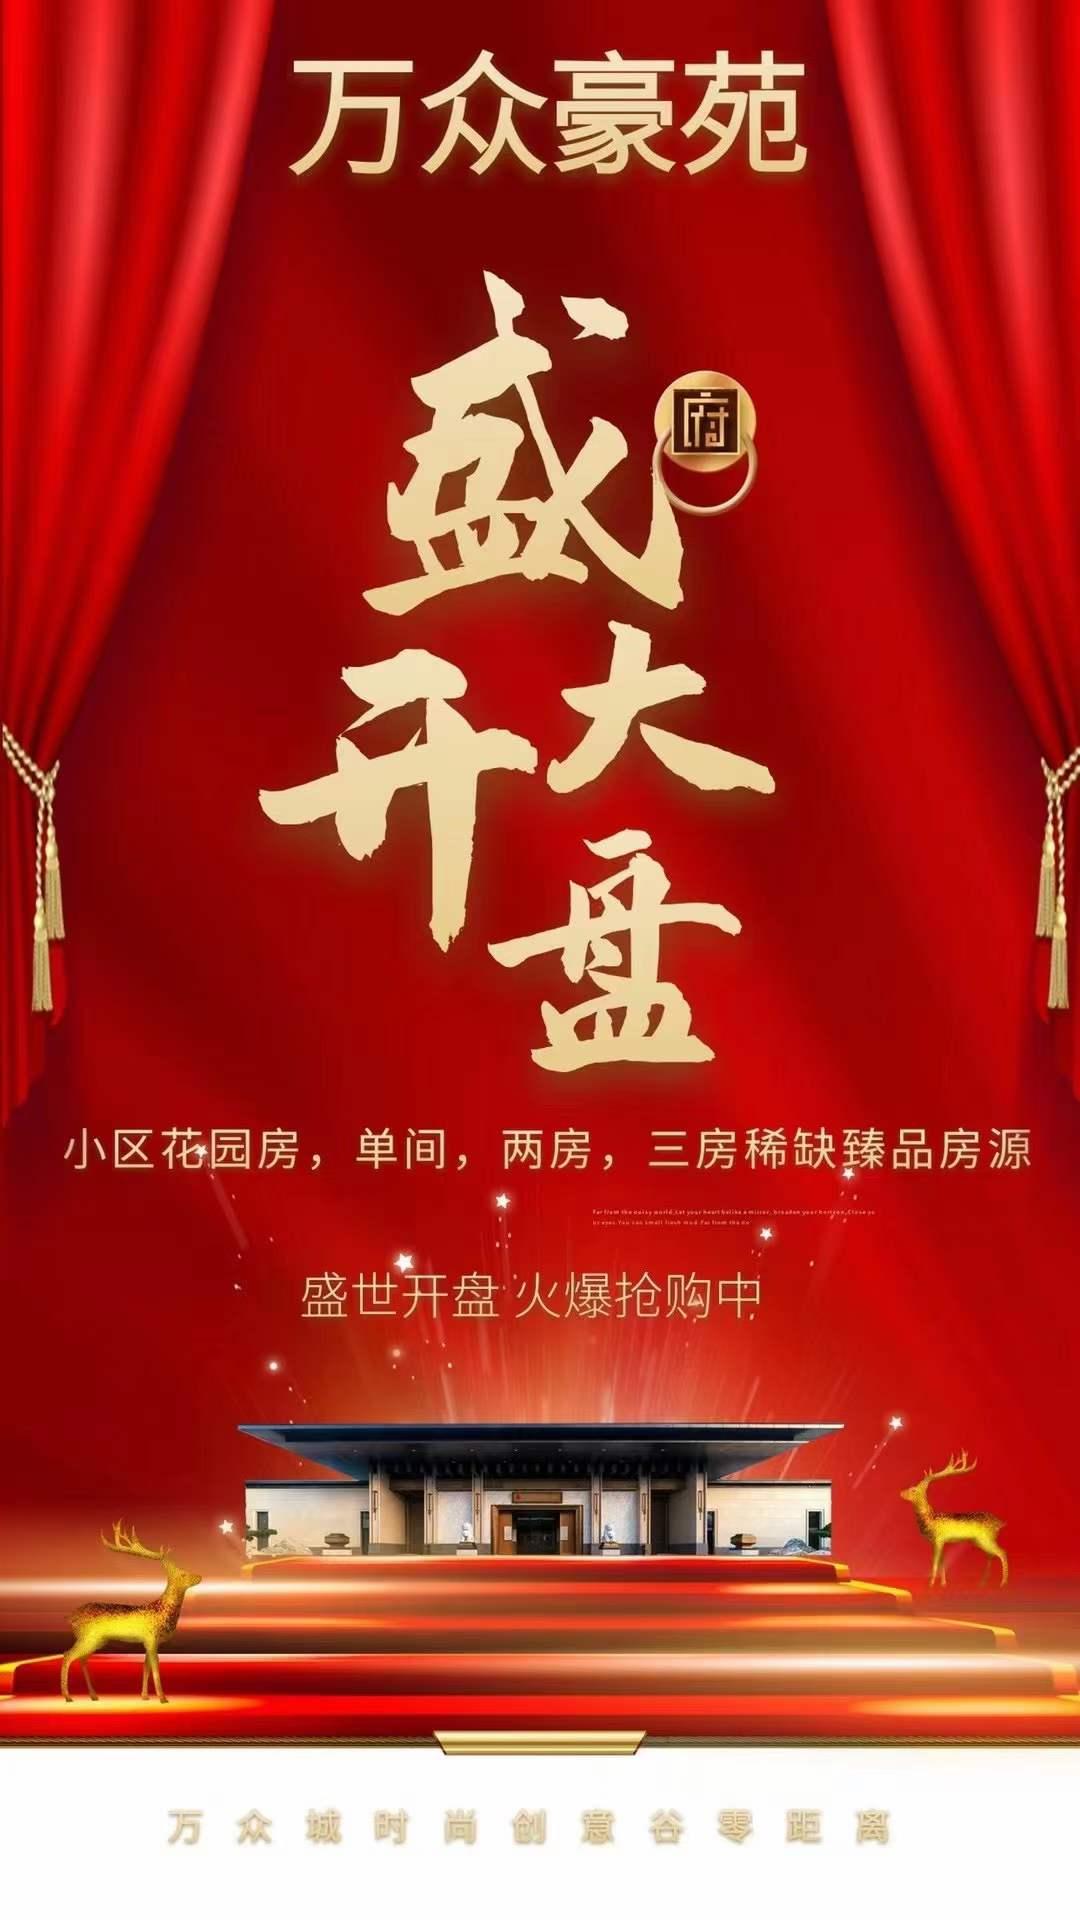 深圳龙华大浪小产权房【万众豪苑】精装现房,永久性产权,原始绝版户型38.8万起